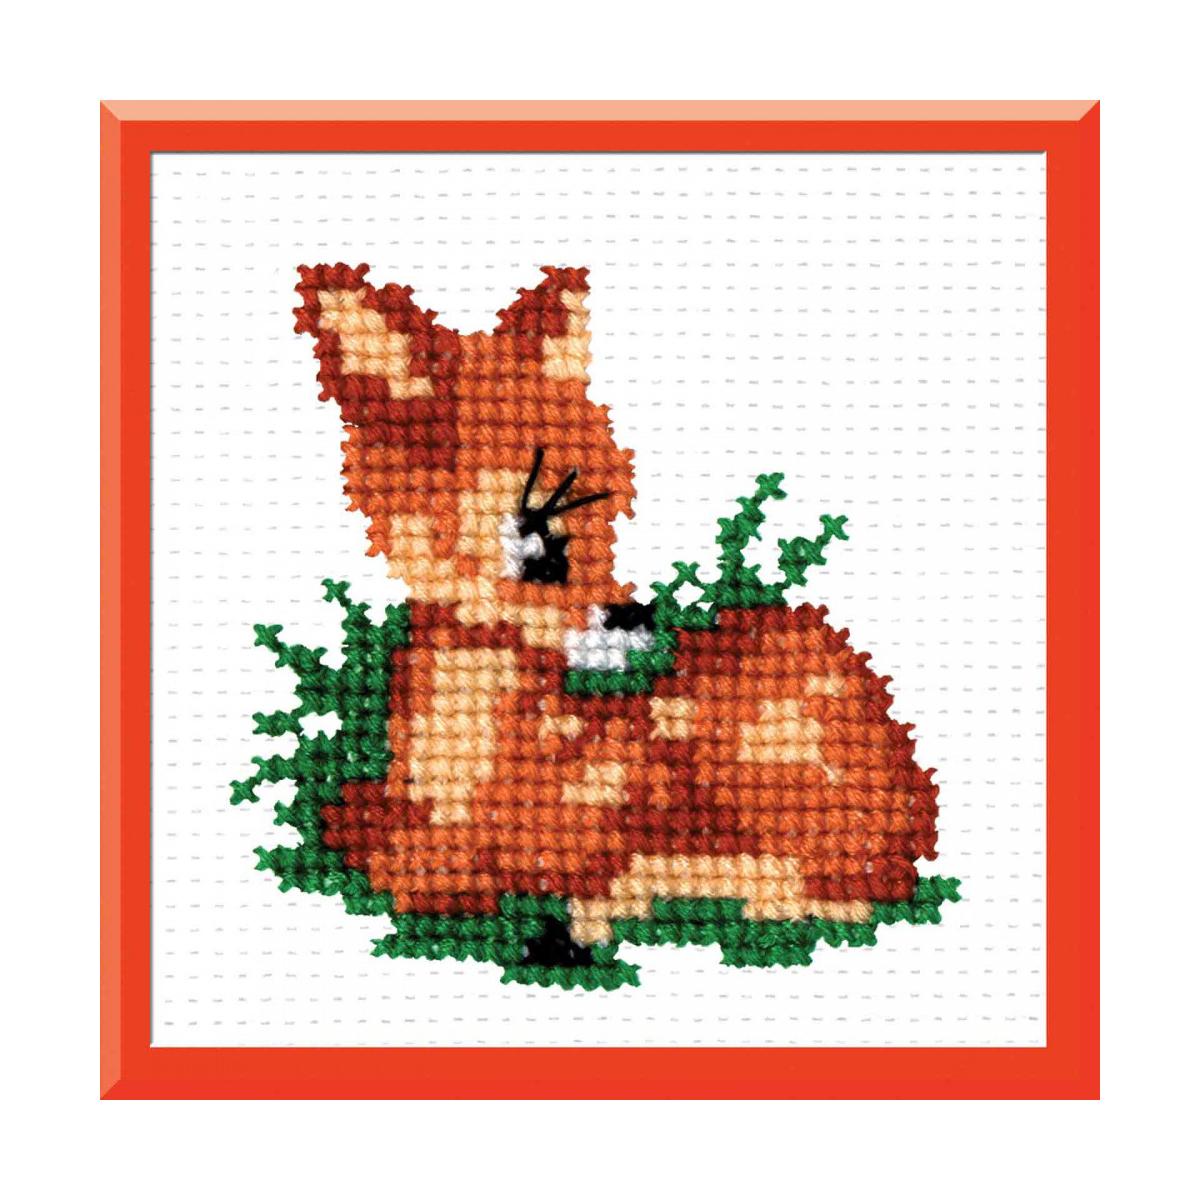 Набор для вышивания РС-Студия Бемби, 8 см х 8 см. 868484189